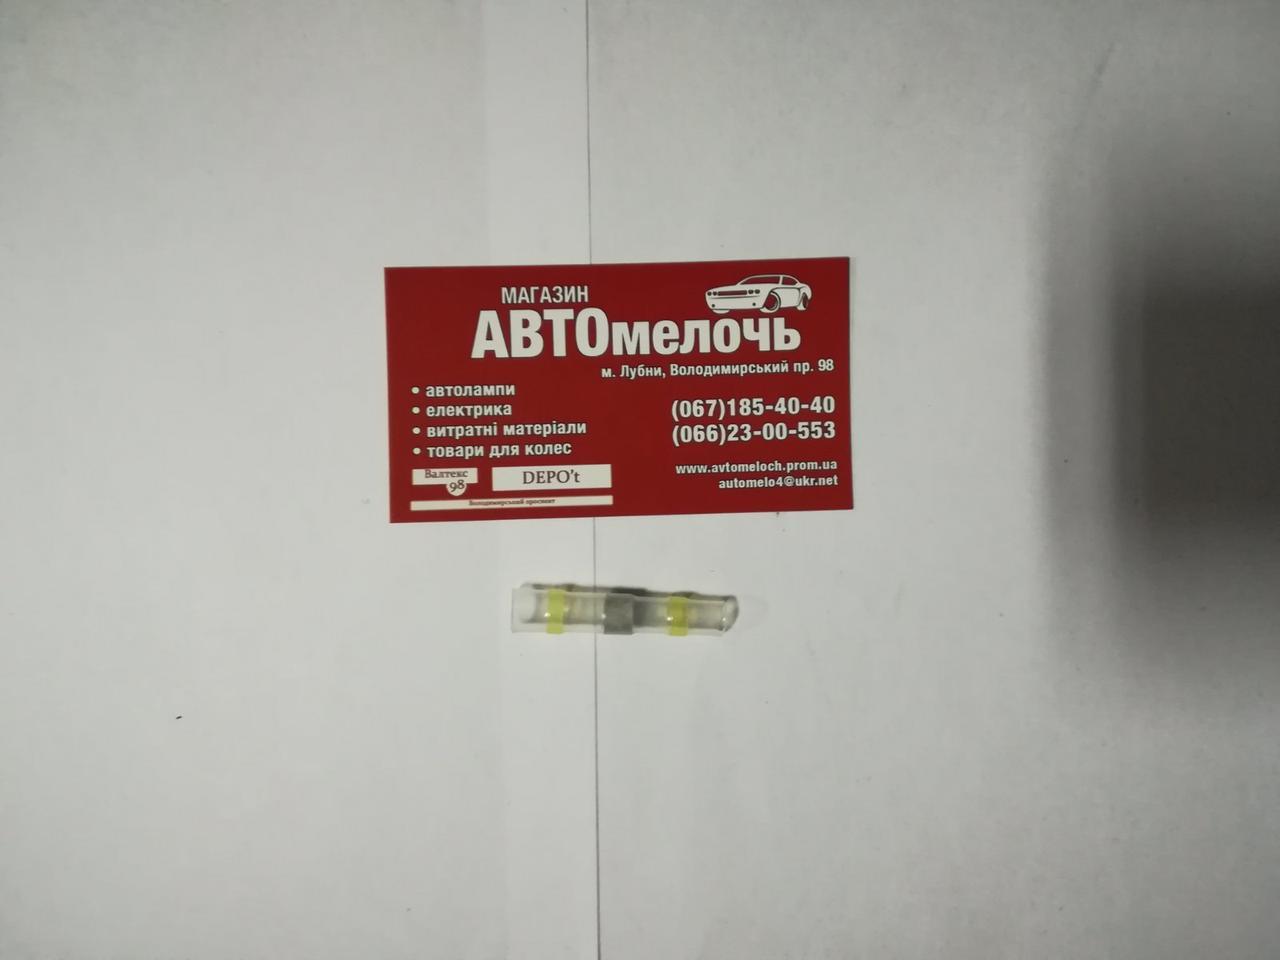 Соединитель провода с припоем от 2.5 до 4 кв.